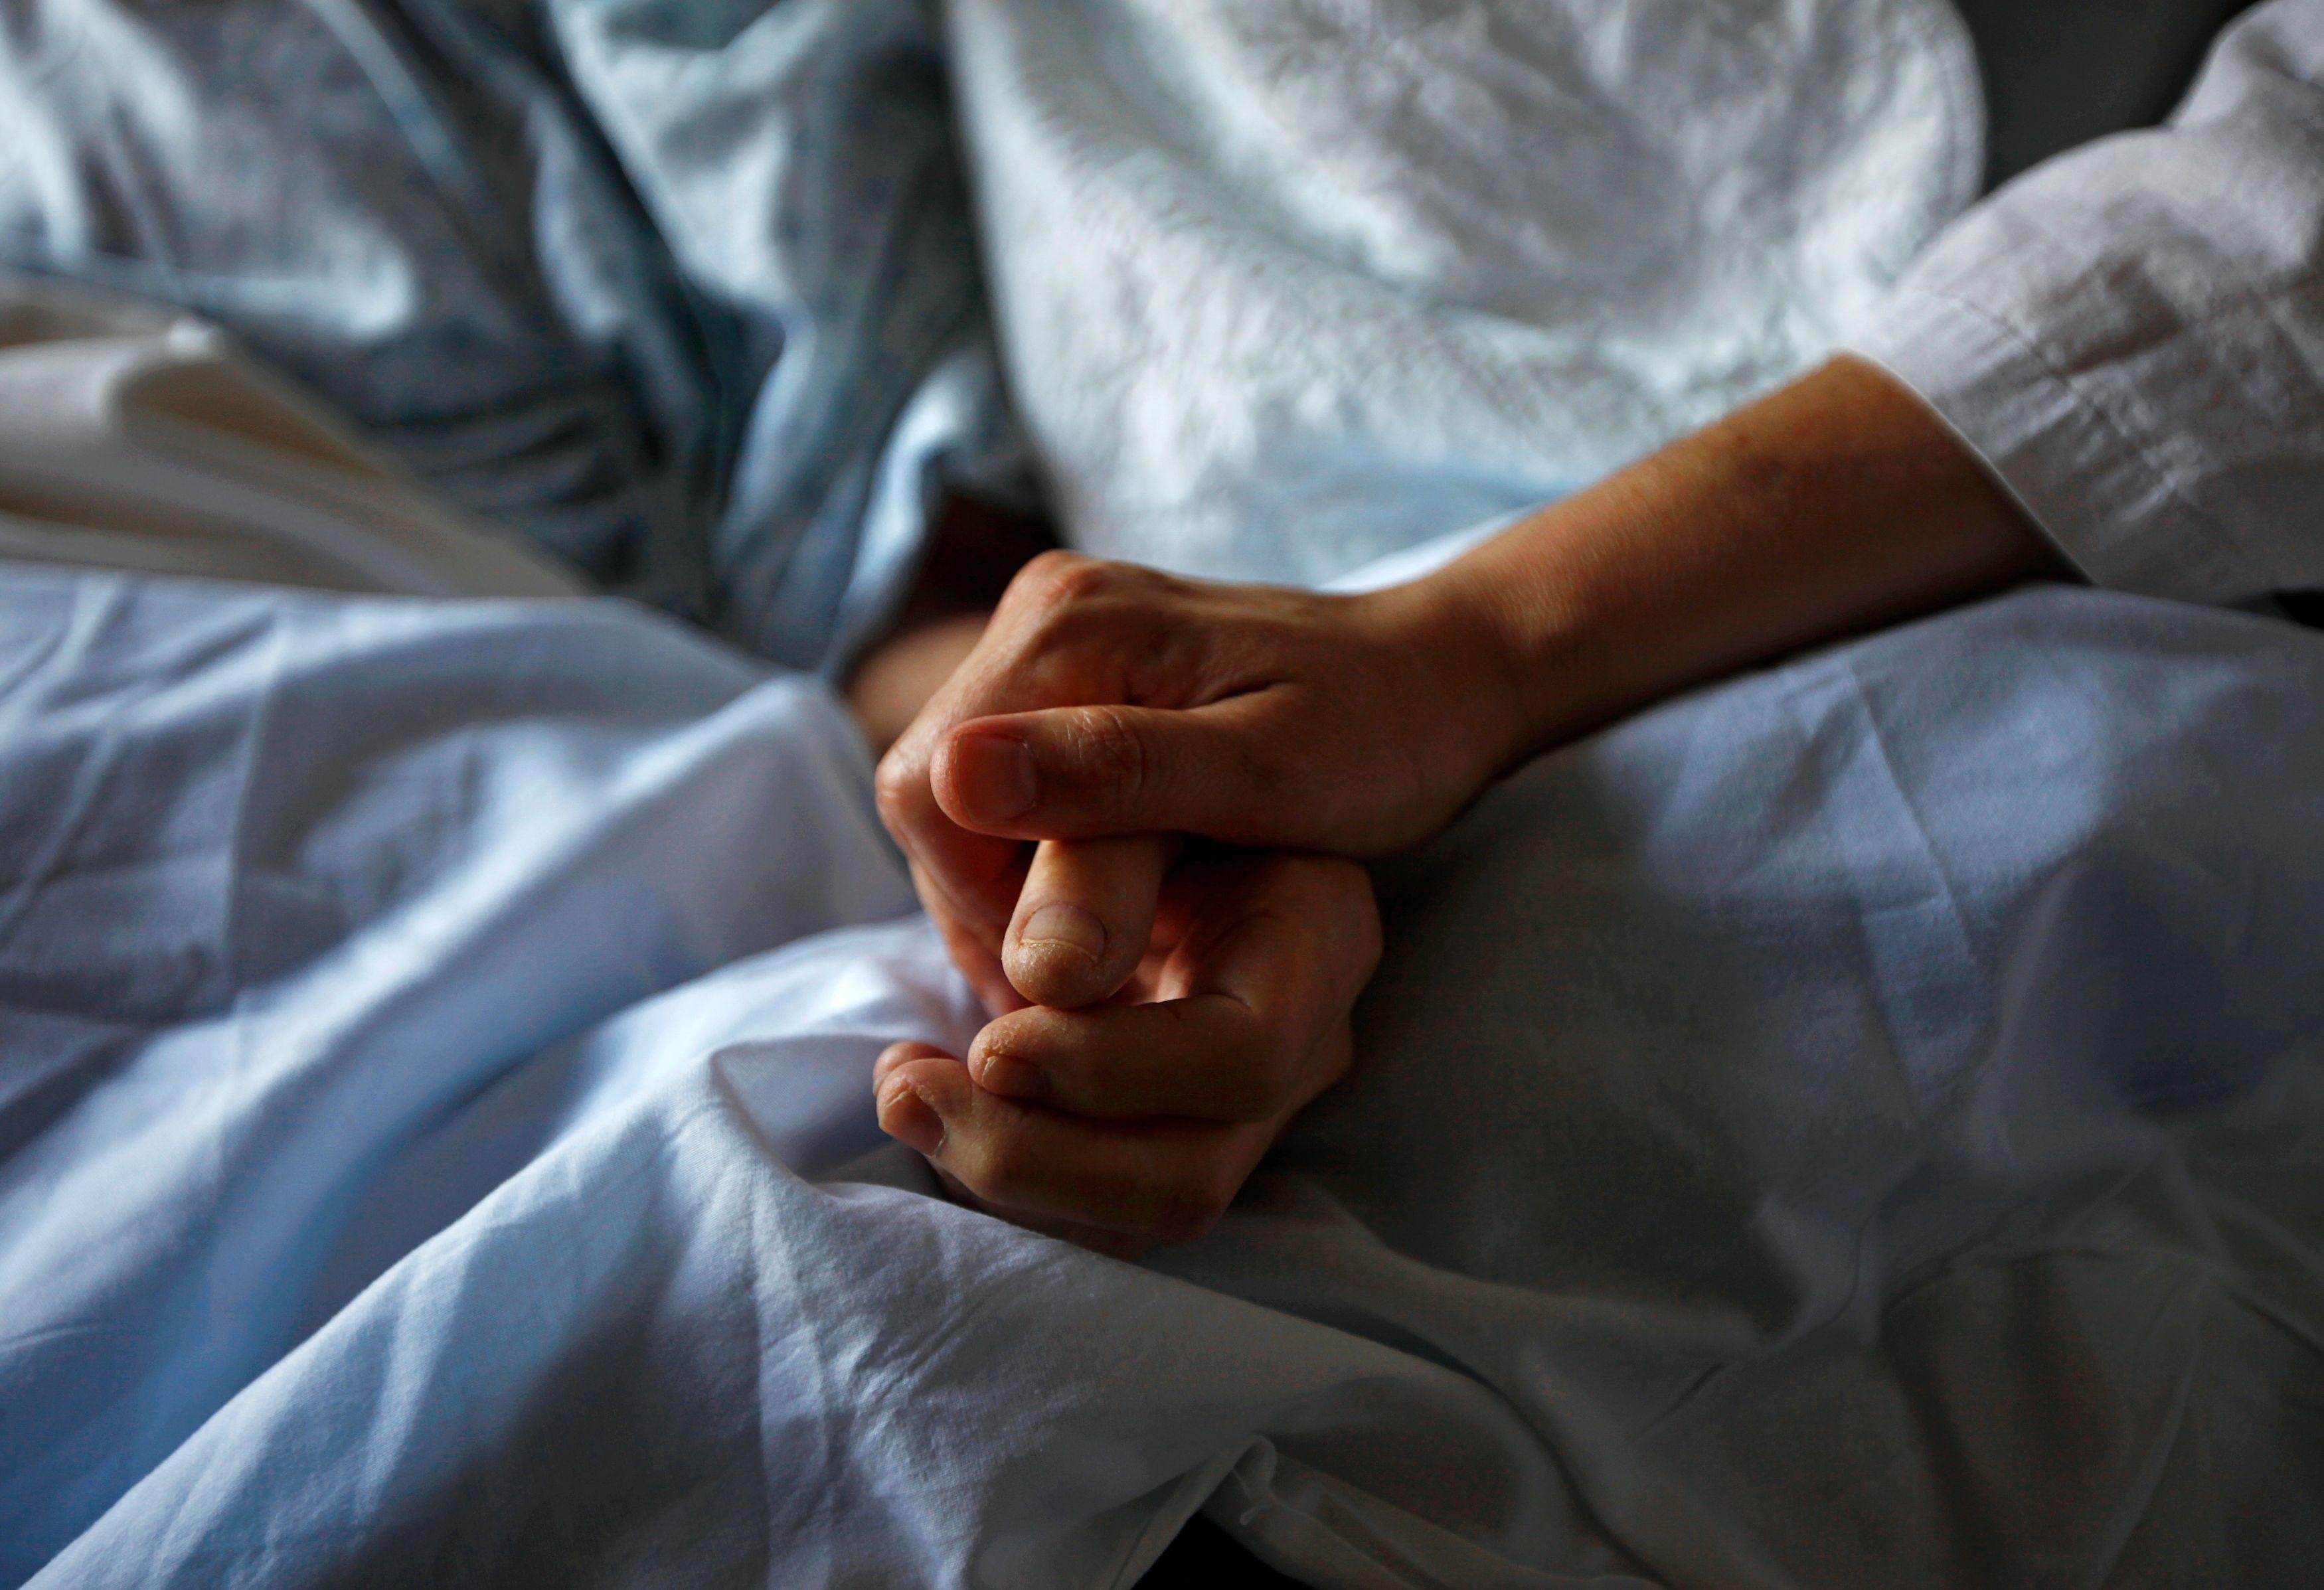 Le suicide d'un octogénaire qui a tué dimanche son épouse atteinte d'un cancer incurable dimanche dans un hôpital de Boulogne-Billancourt relance le débat sur l'euthanasie.